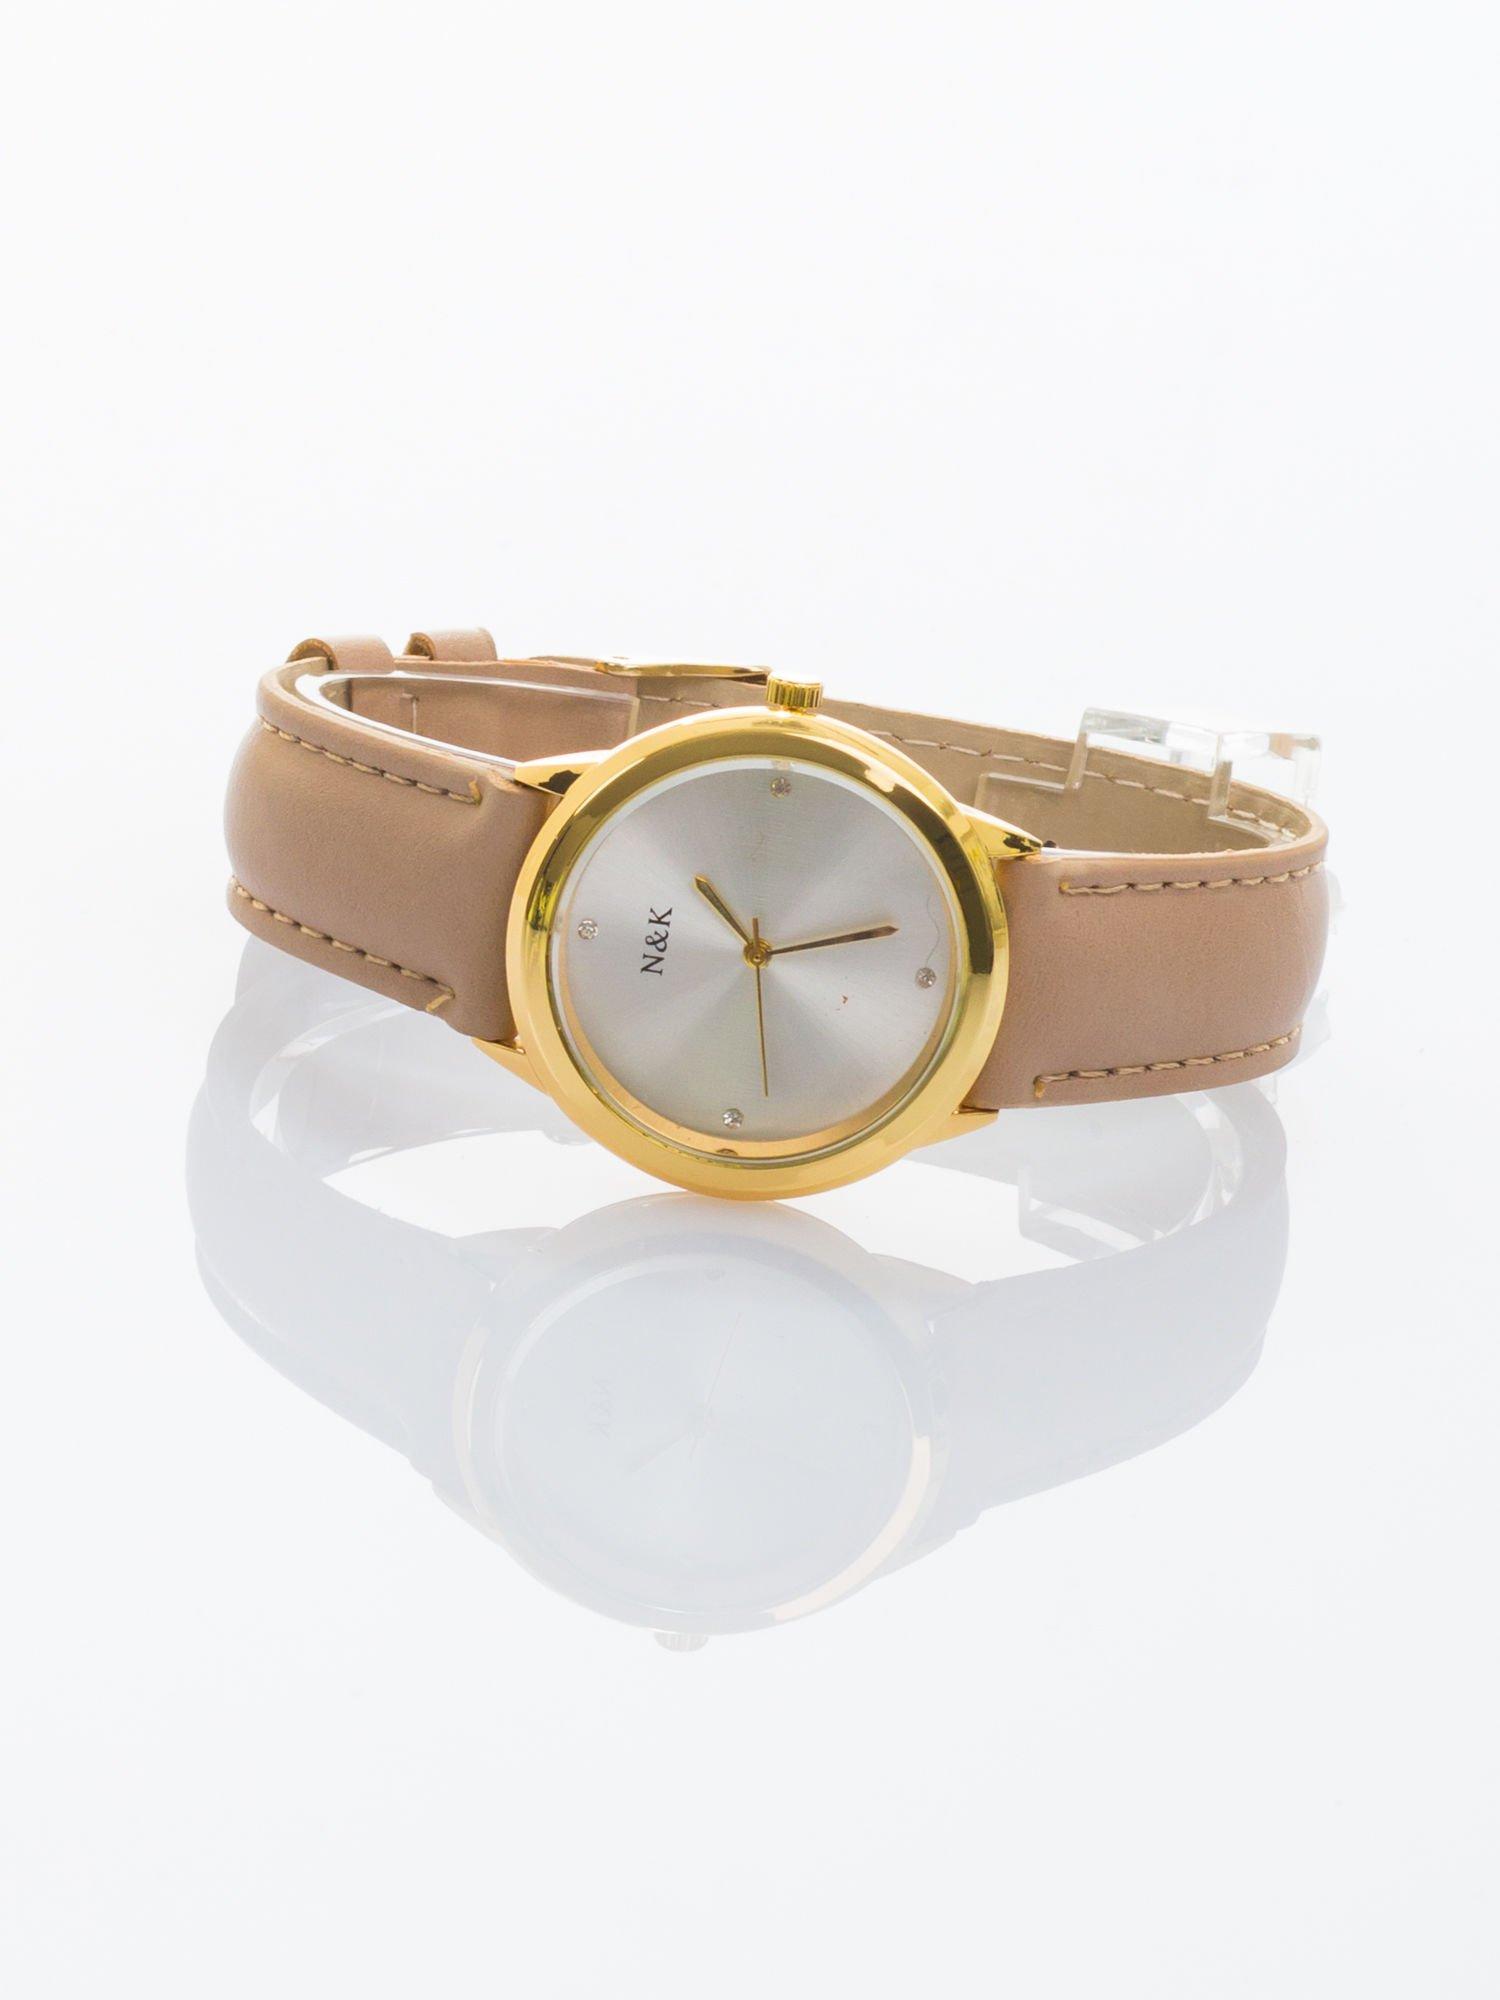 Damski zegarek z cyrkoniami. Mała, czytelna tarcza                                  zdj.                                  1